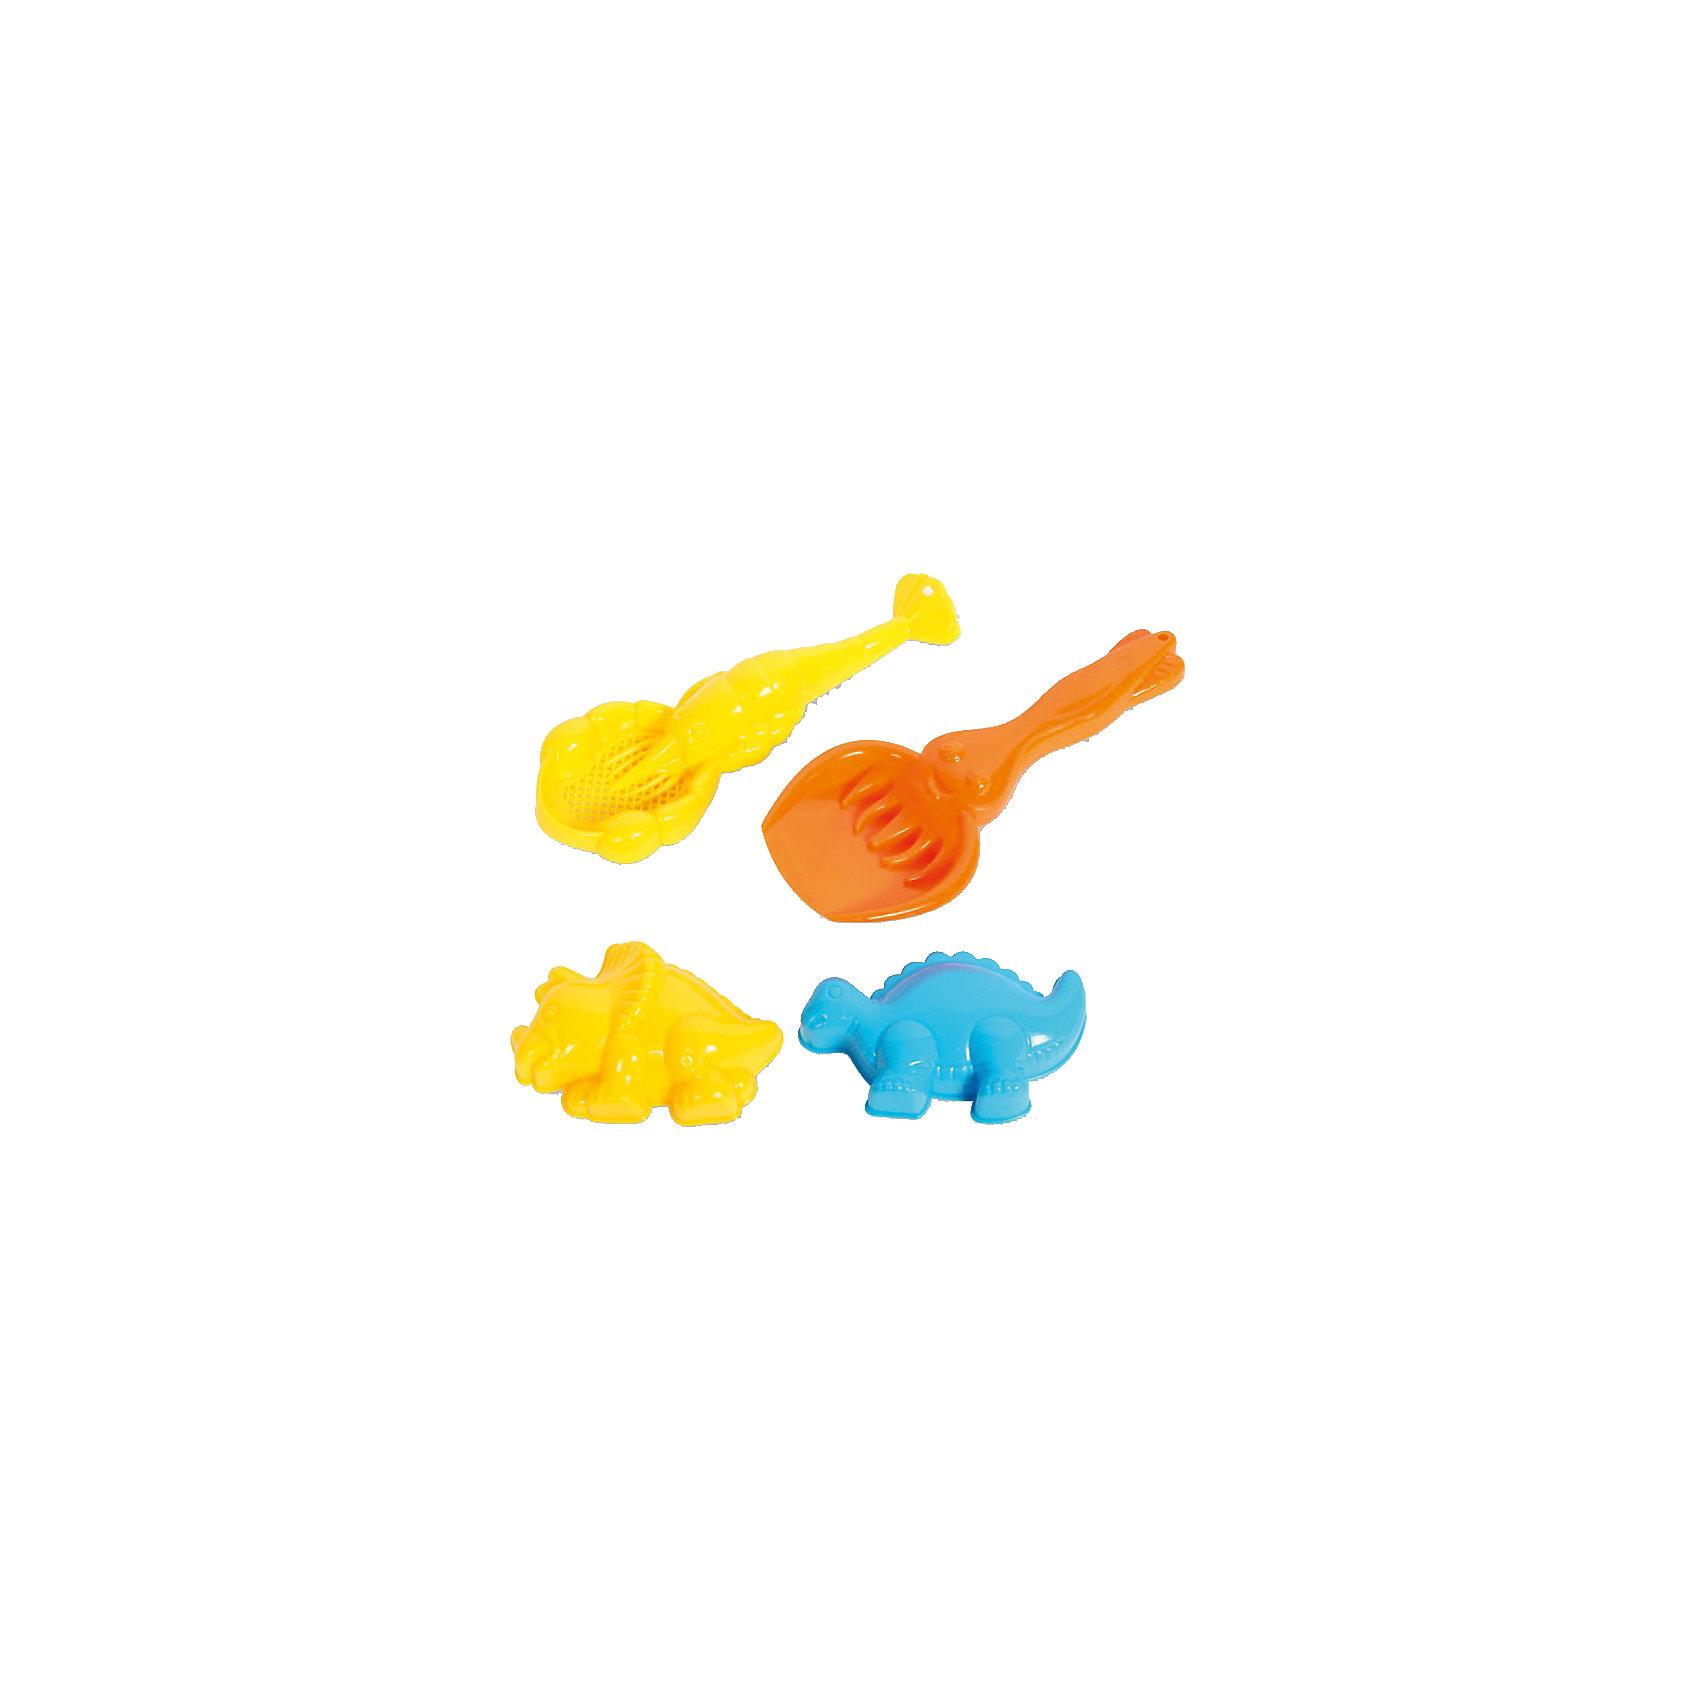 Набор для игр с песком 4 в 1, ALTACTOИгра с песком - одна из самых любимых забав у малышей. А с красочными игрушками для песочницы любимое занятие станет еще веселее и интереснее. В набор для игр с песком 4 в 1, Altacto, входят два совочка и две симпатичные формочки в виде фигурок динозавров  Все предметы имеют форму, удобную для захвата маленькой детской ручкой. Яркие насыщенные цвета помогут в развитии цветового восприятия. Игрушки выполнены из высококачественного материла, отвечающего всем требованиям детской безопасности.<br><br>Дополнительная информация:        <br><br>- В комплекте: 2 совочка, 2 формочки.<br>- Материал: пластик. <br>- Размер упаковки: 14,5 х 4 х 6 см.<br>- Вес: 42 гр.<br><br>Набор для игр с песком 4 в 1, Altacto, можно купить в нашем интернет-магазине.<br><br>Ширина мм: 145<br>Глубина мм: 40<br>Высота мм: 60<br>Вес г: 42<br>Возраст от месяцев: 36<br>Возраст до месяцев: 72<br>Пол: Унисекс<br>Возраст: Детский<br>SKU: 4622263